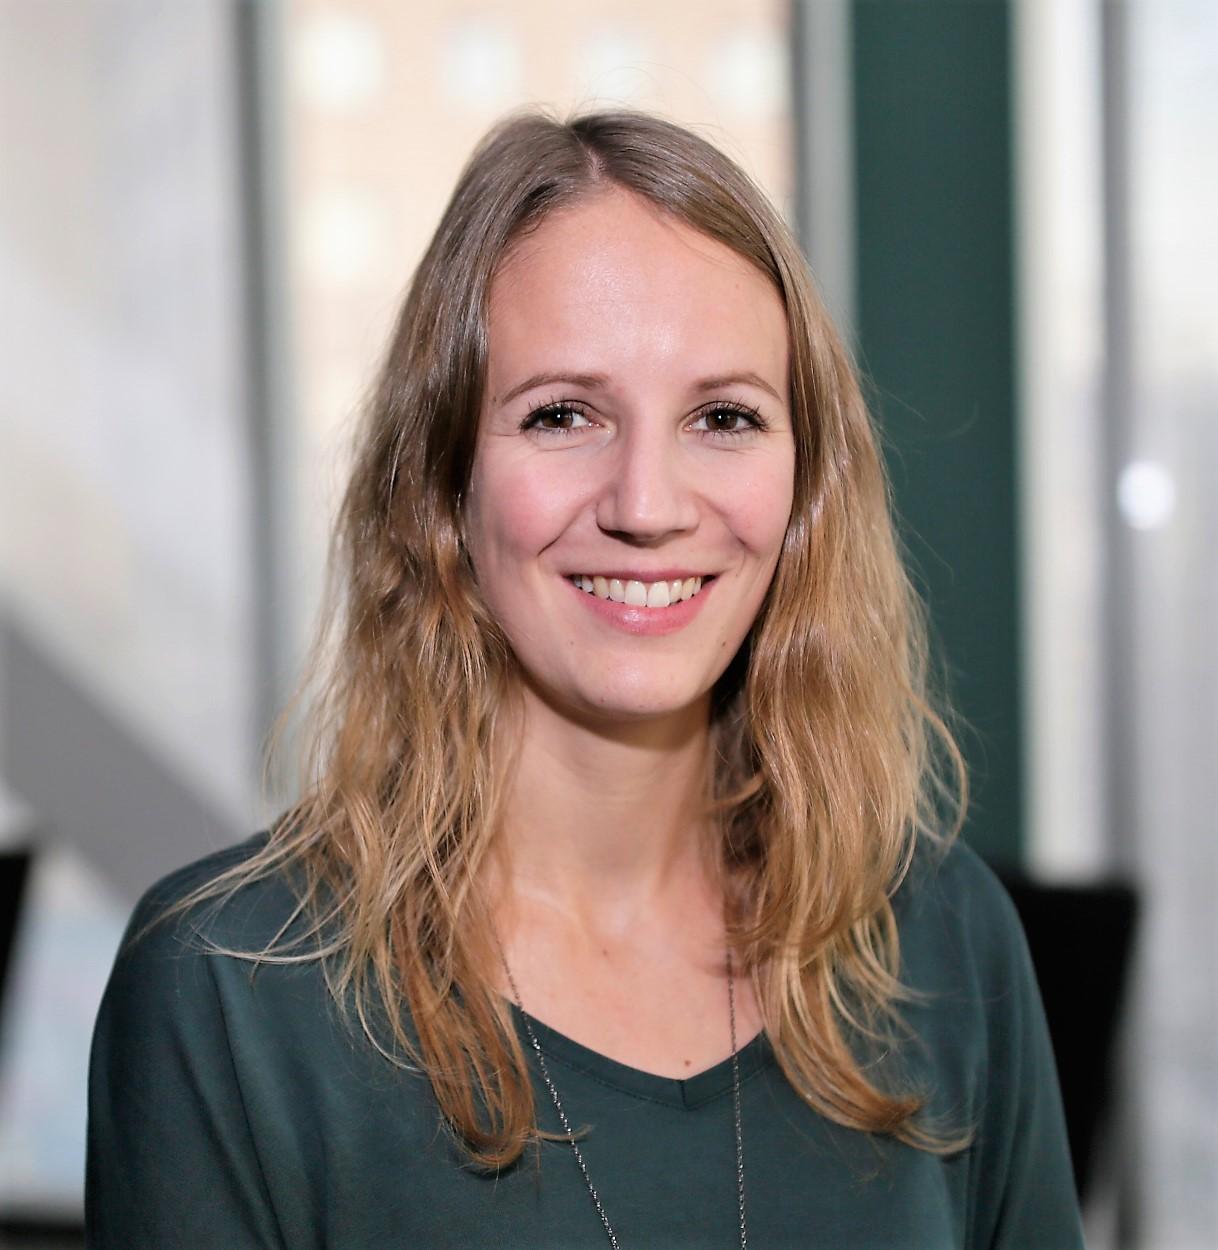 Stephanie Falkner